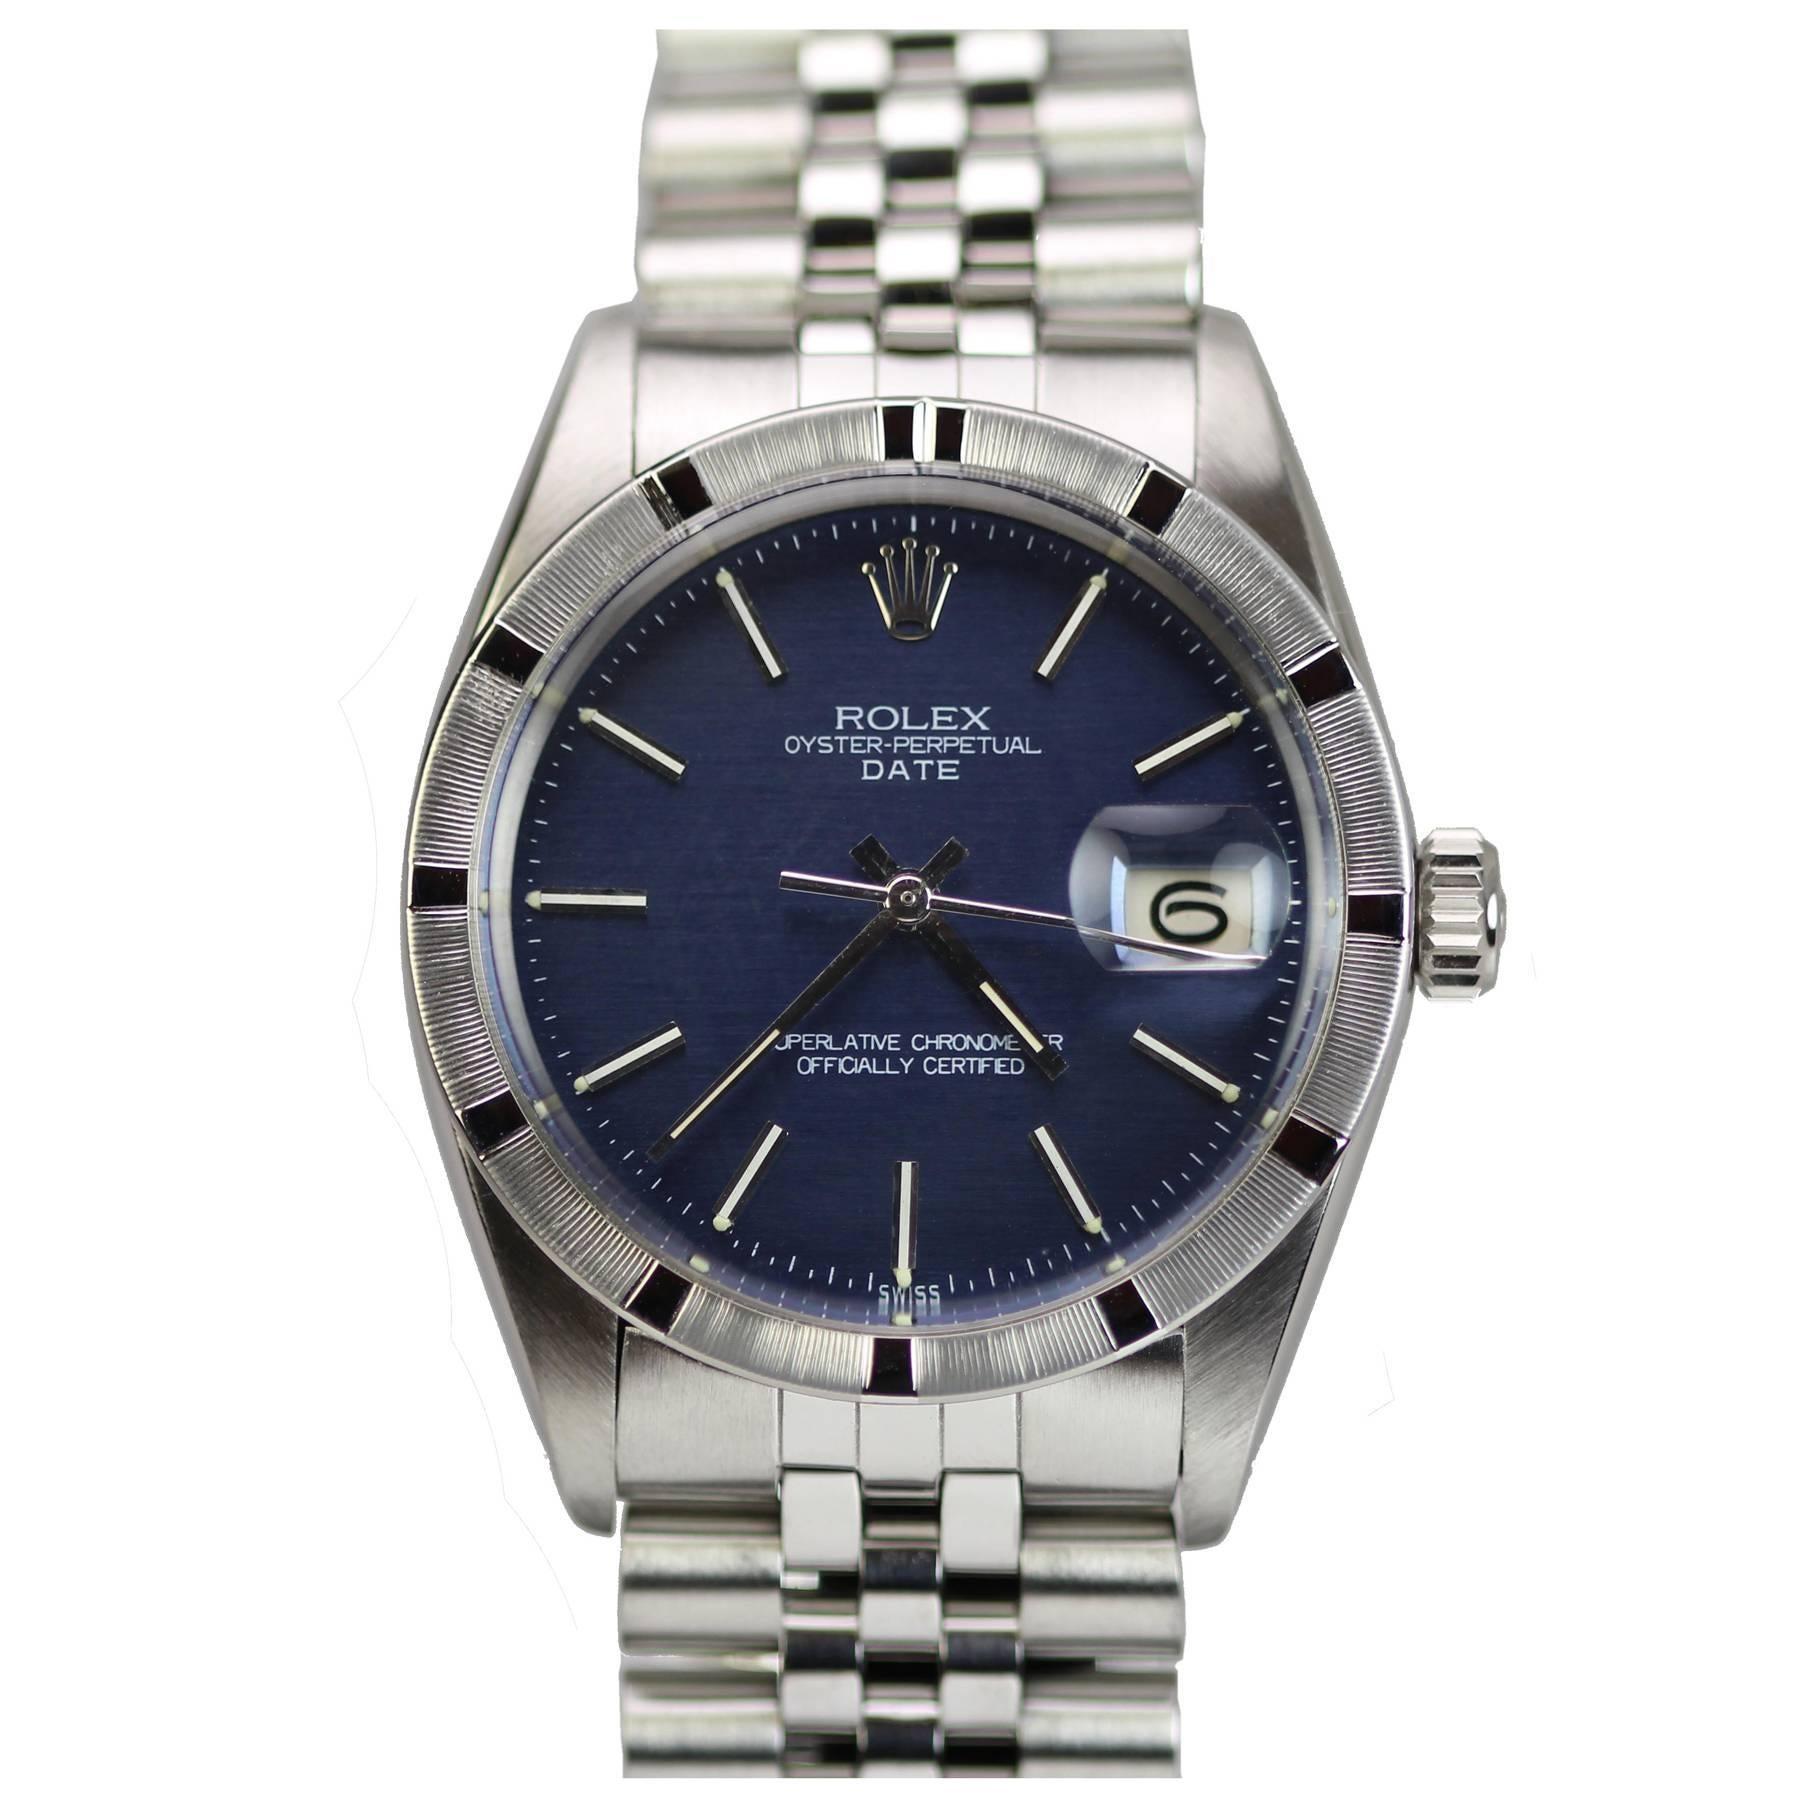 Rolex Stainless Steel Date Wristwatch Ref 1501 circa 1967